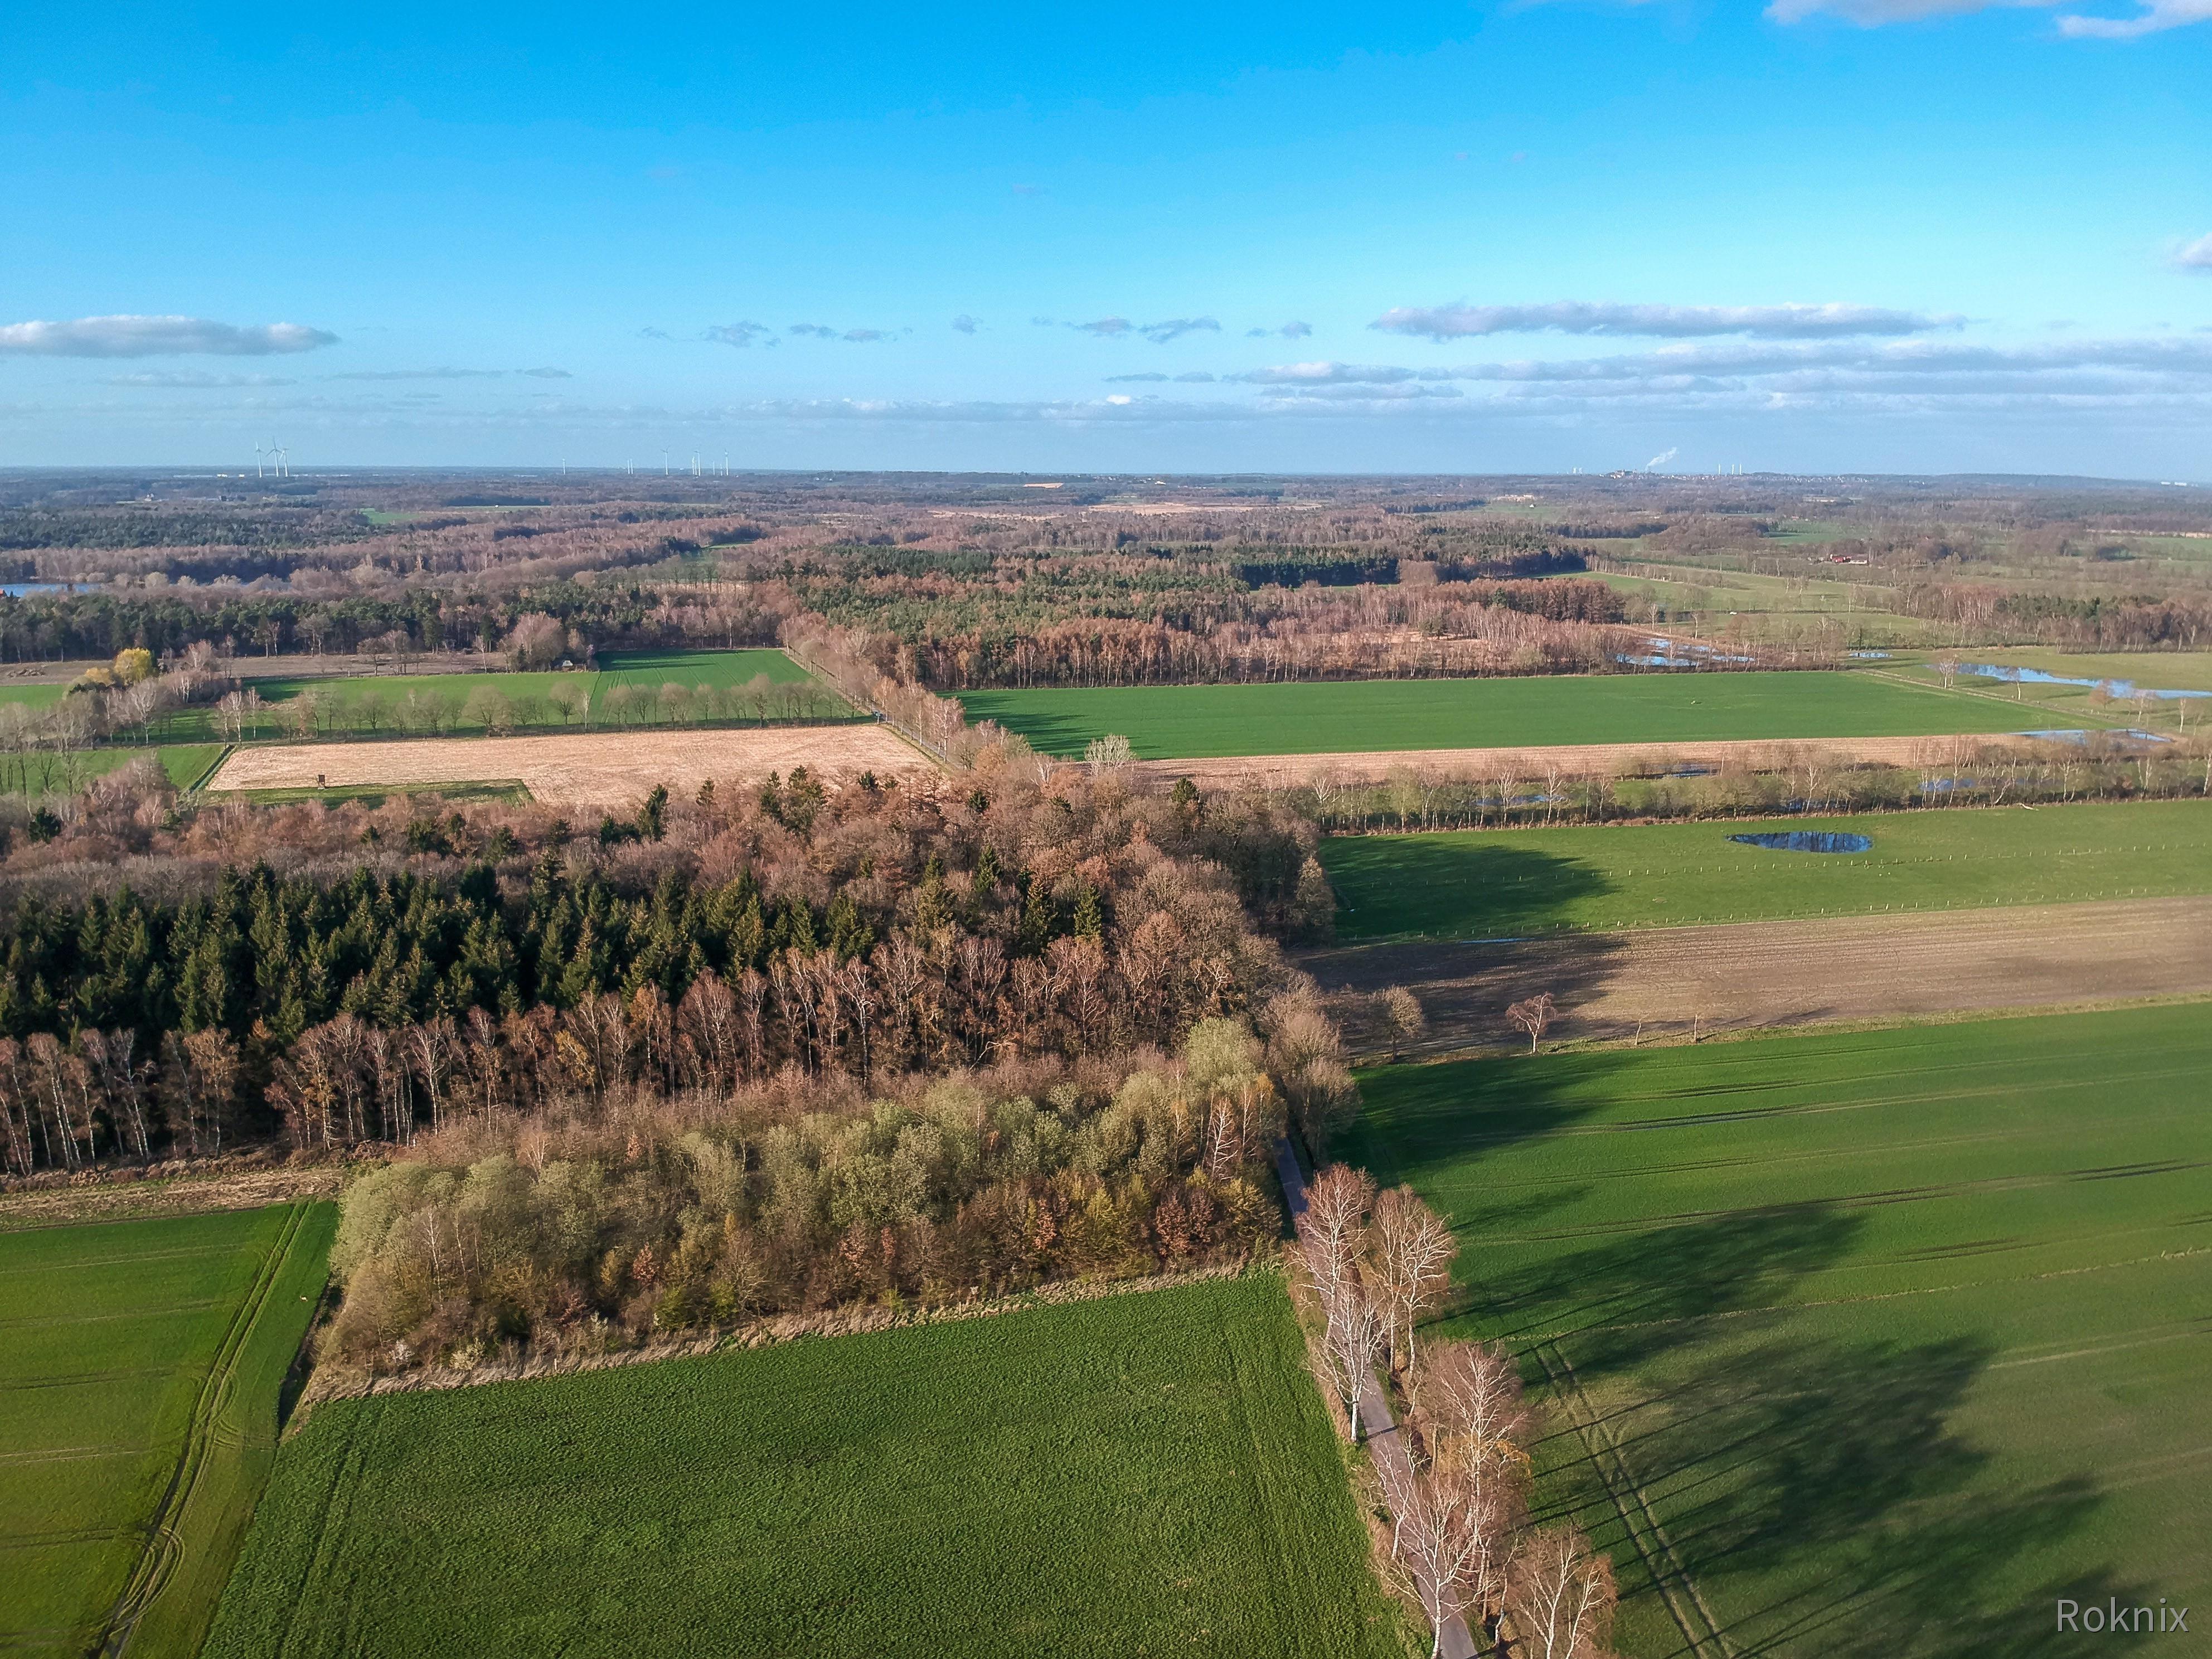 Mein Erstes Luftbild